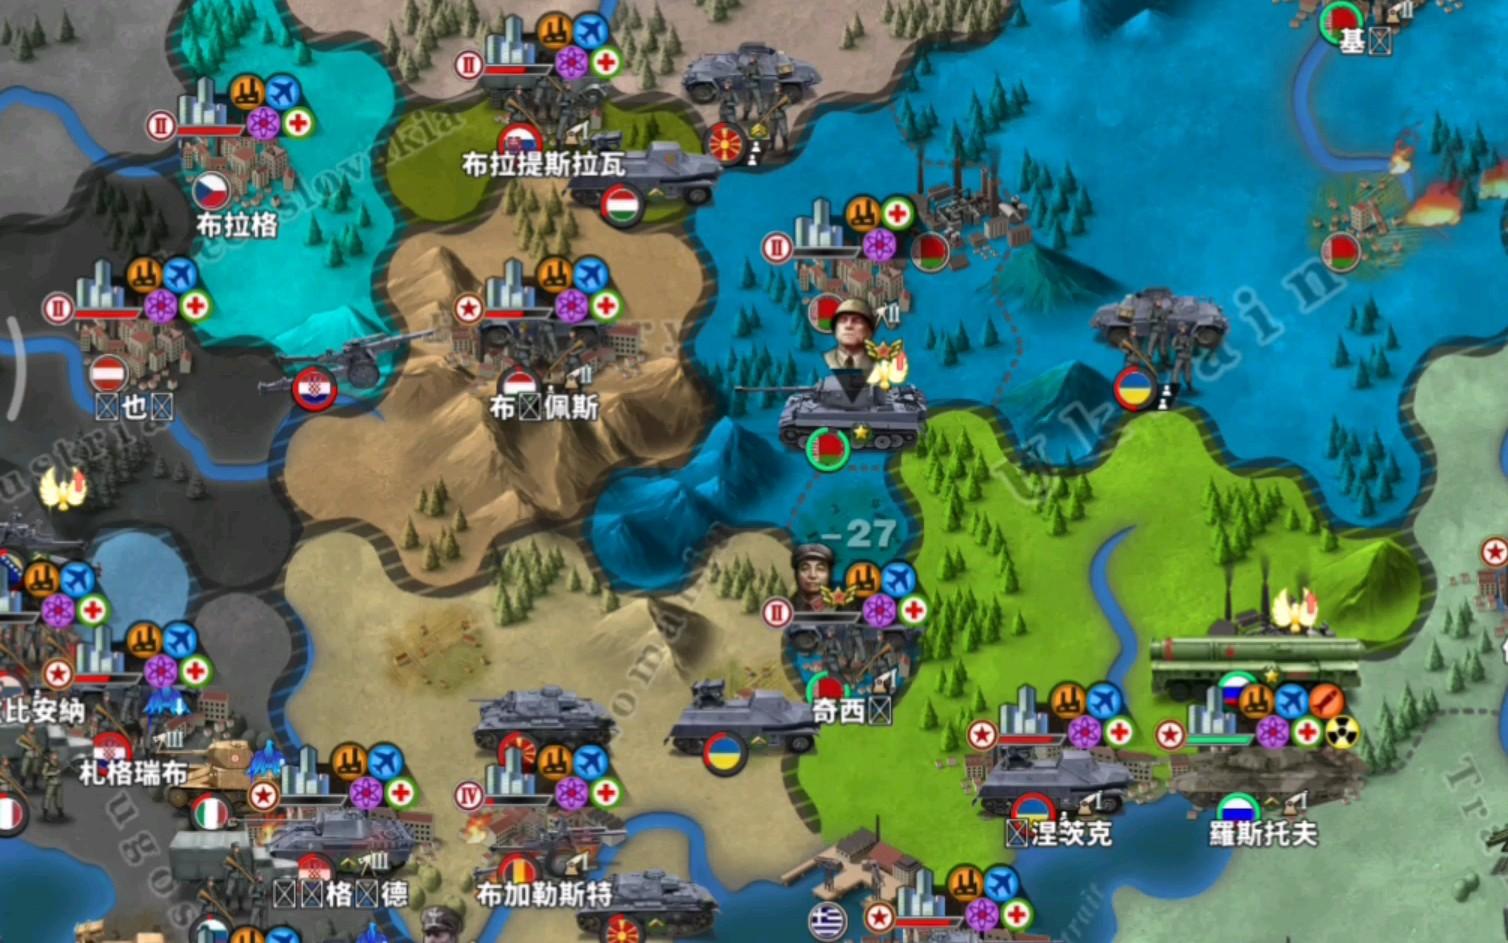 破解链接征服者4下载版,有现代世界的那个:战争:https09思铂睿怎么v链接仪表盘图片